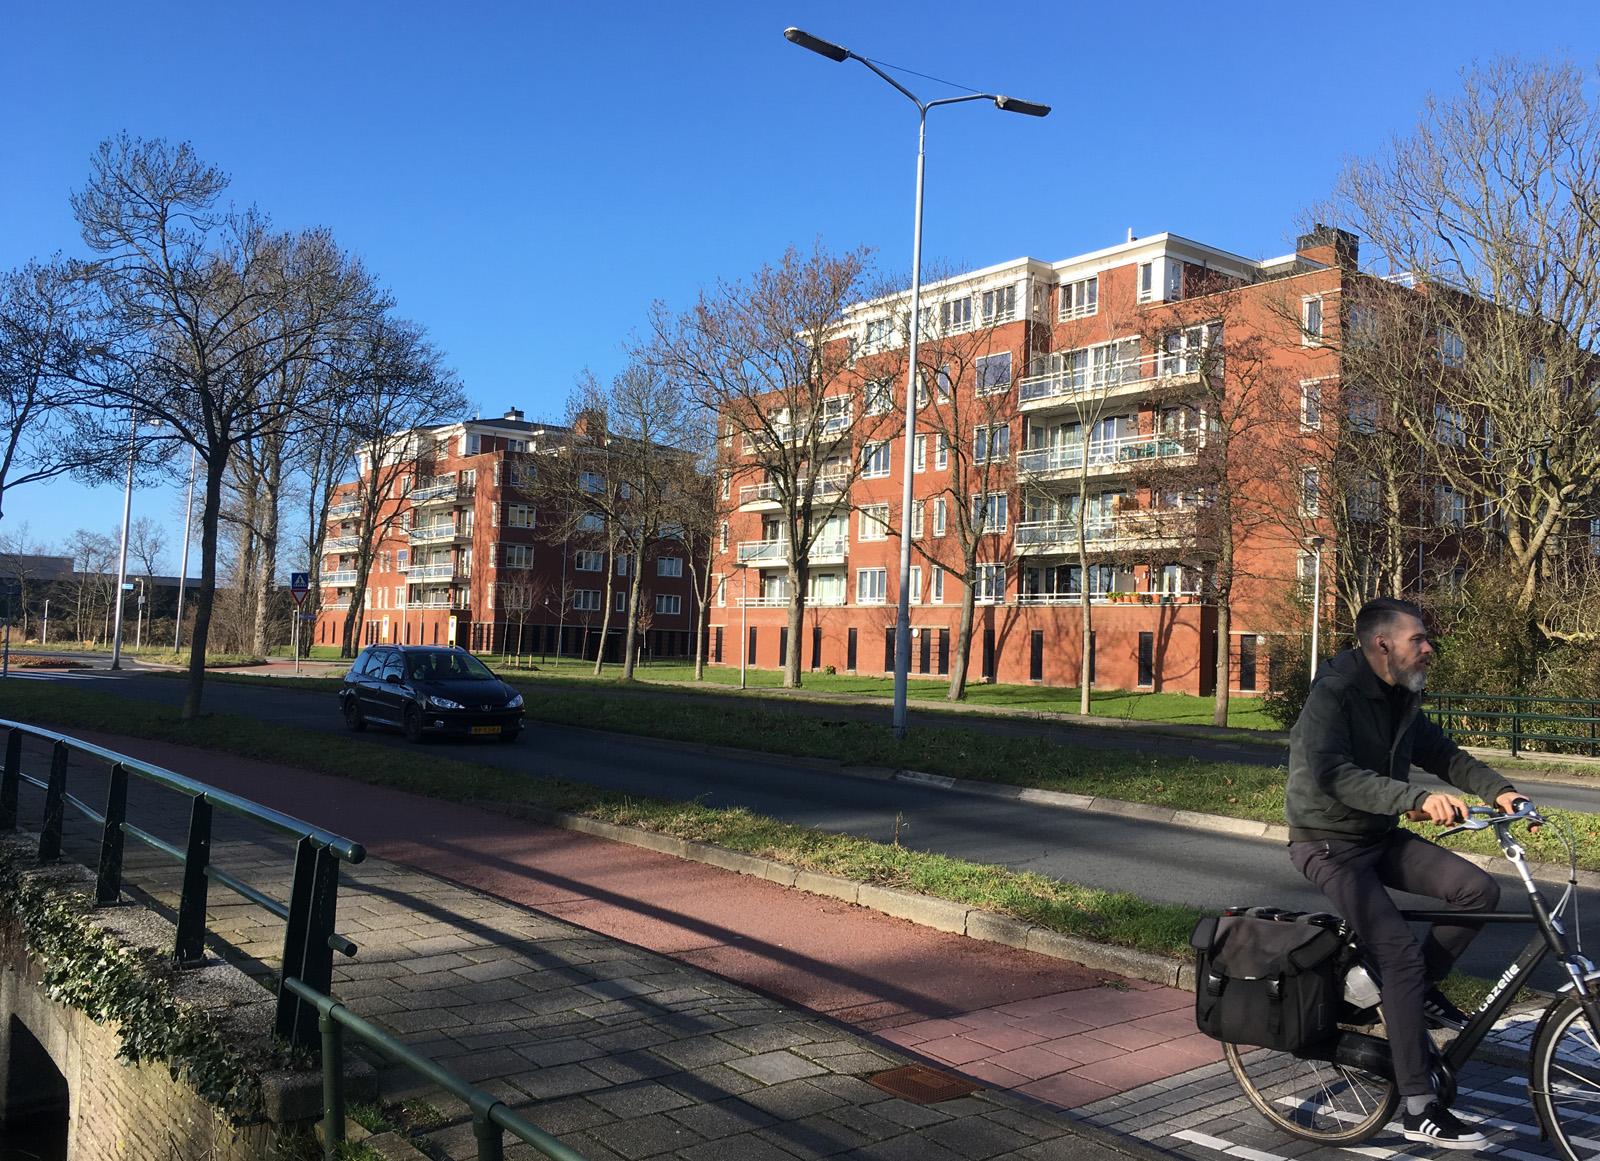 Verduurzaming woonwijken moet dringend impuls krijgen